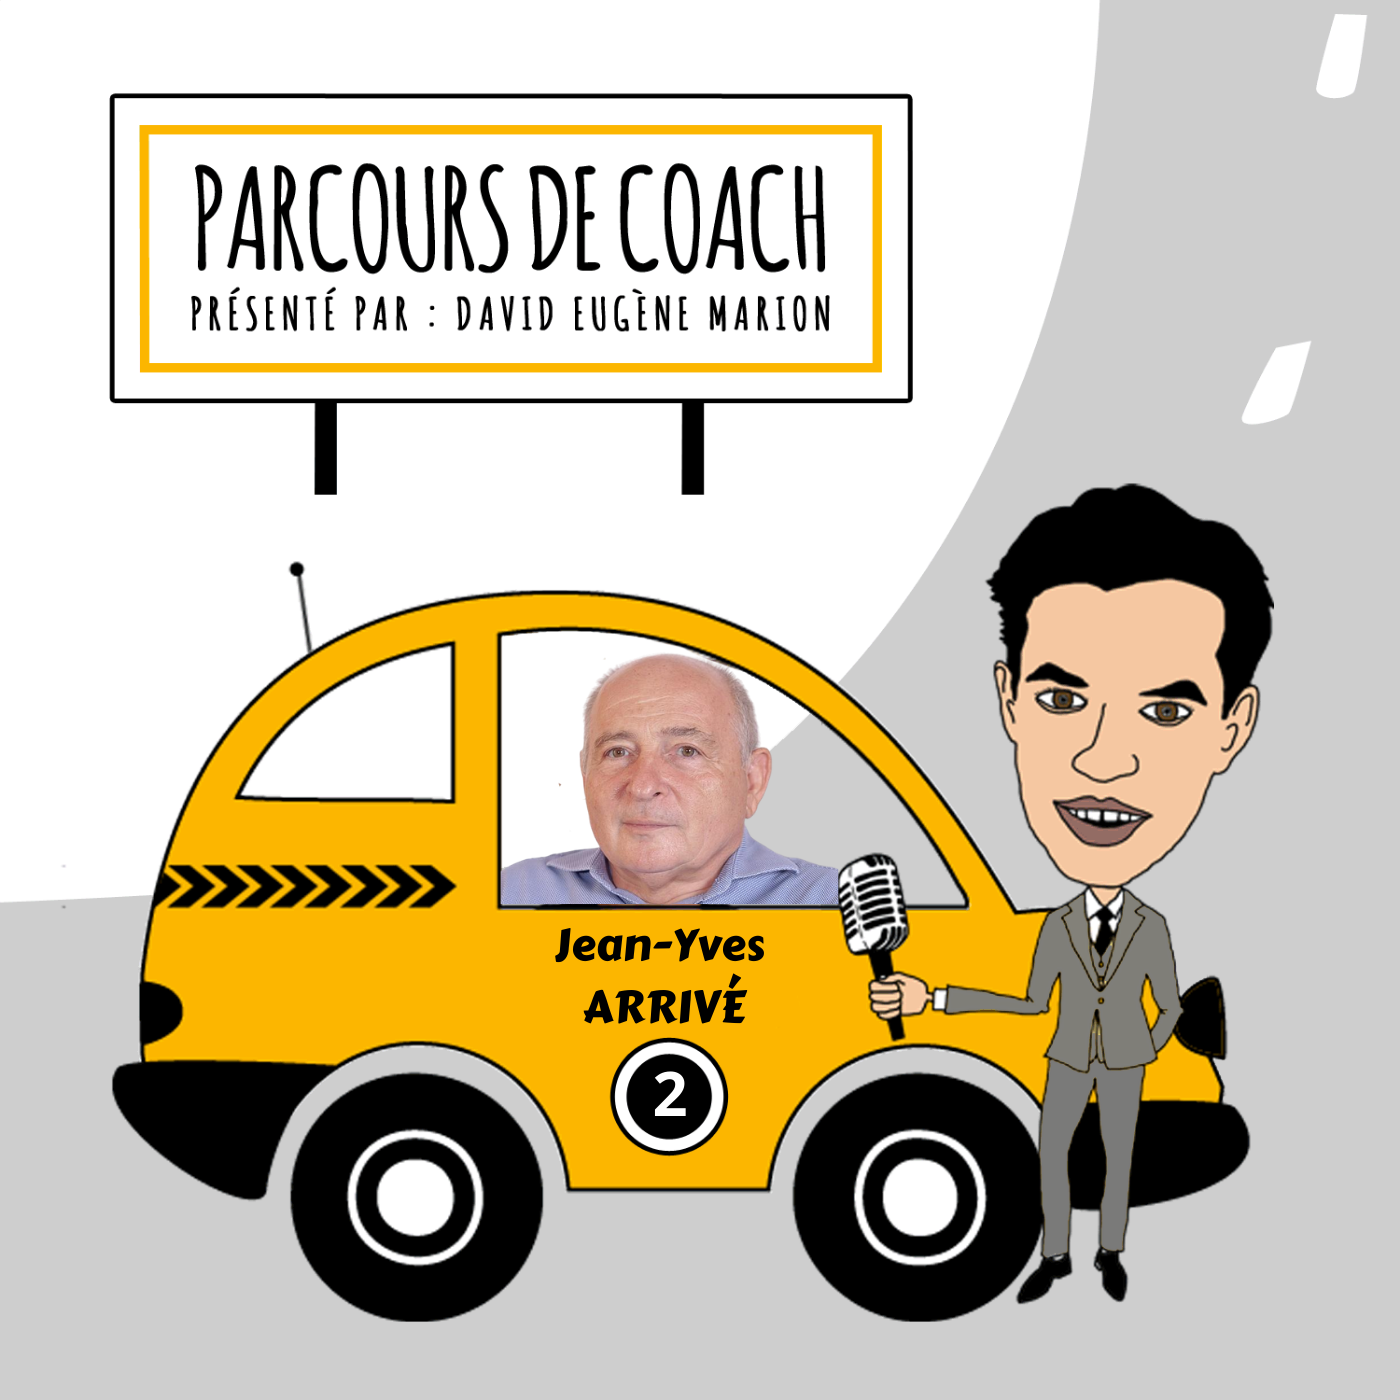 Parcours de Coach® n°2 : Jean-Yves ARRIVÉ